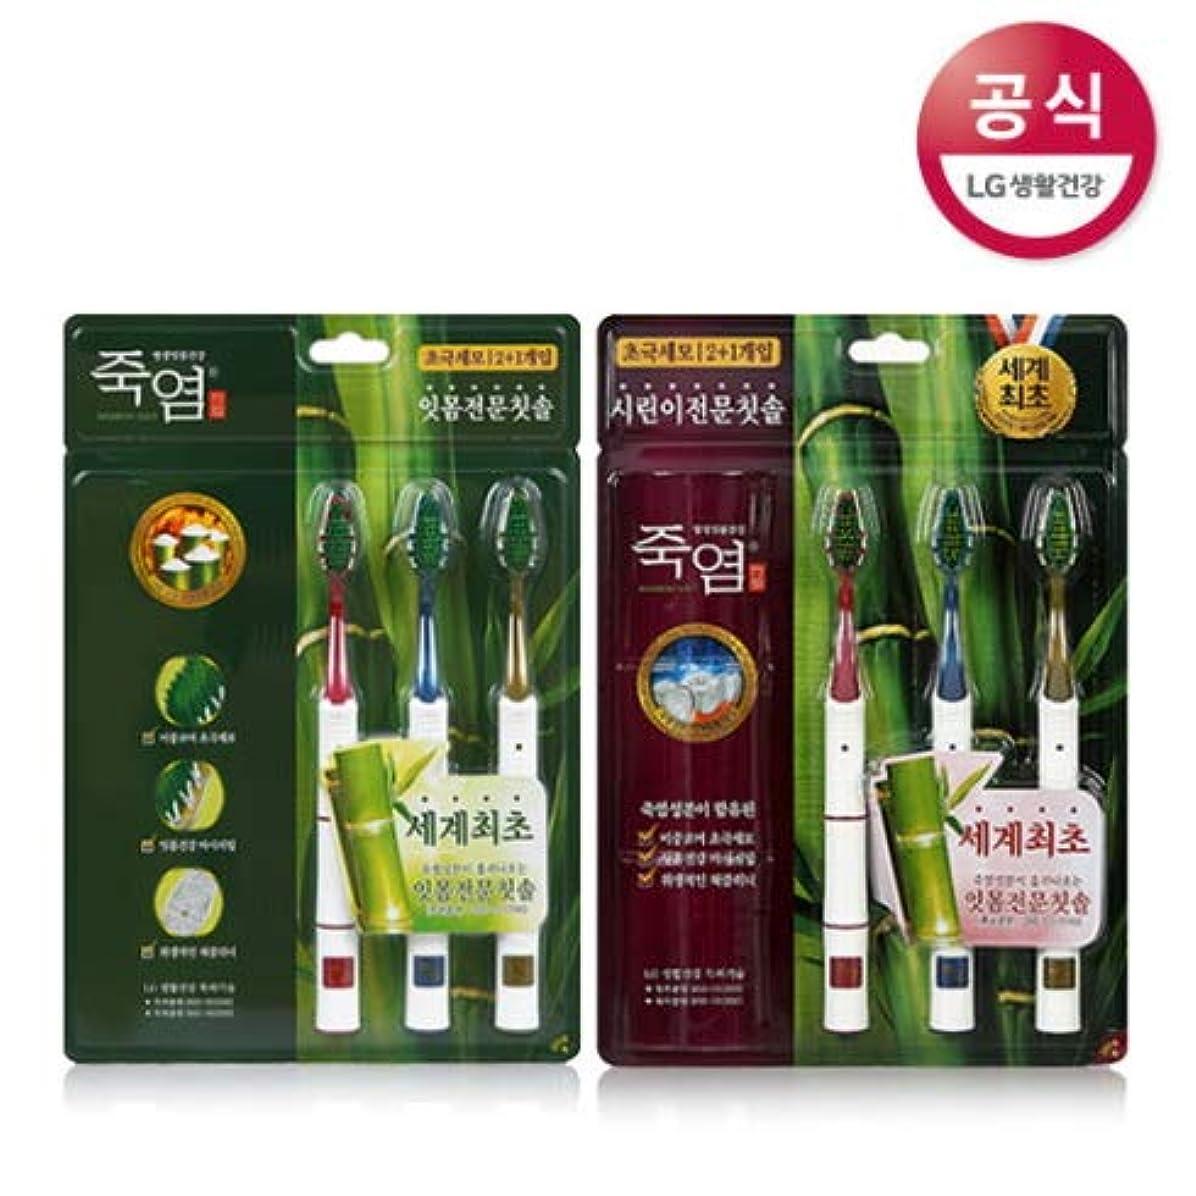 船酔い誇張記憶[LG HnB] Bamboo salt syringe/gum professional toothbrush/竹塩つぶれが/歯茎専門の歯ブラシ 3口x2個(海外直送品)